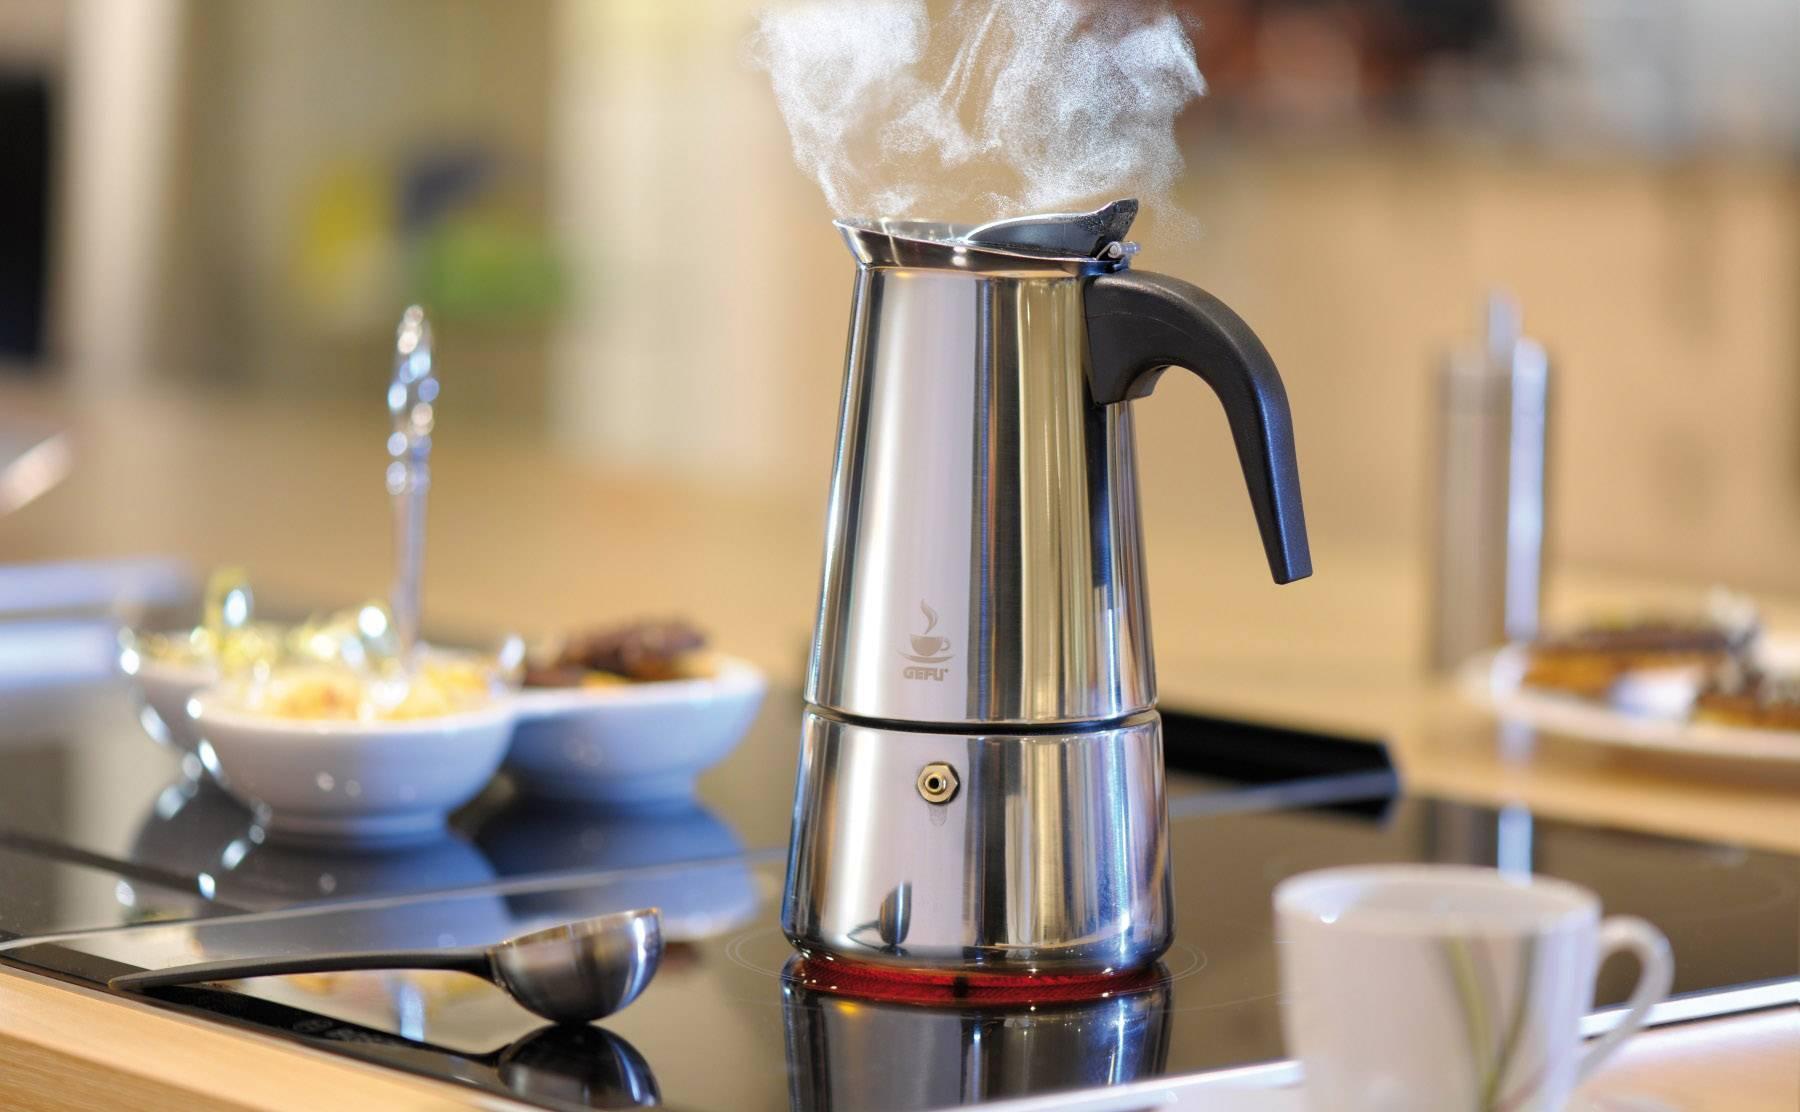 Как пользоваться гейзерной кофеваркой: принцип работы, как выбрать, отзывы